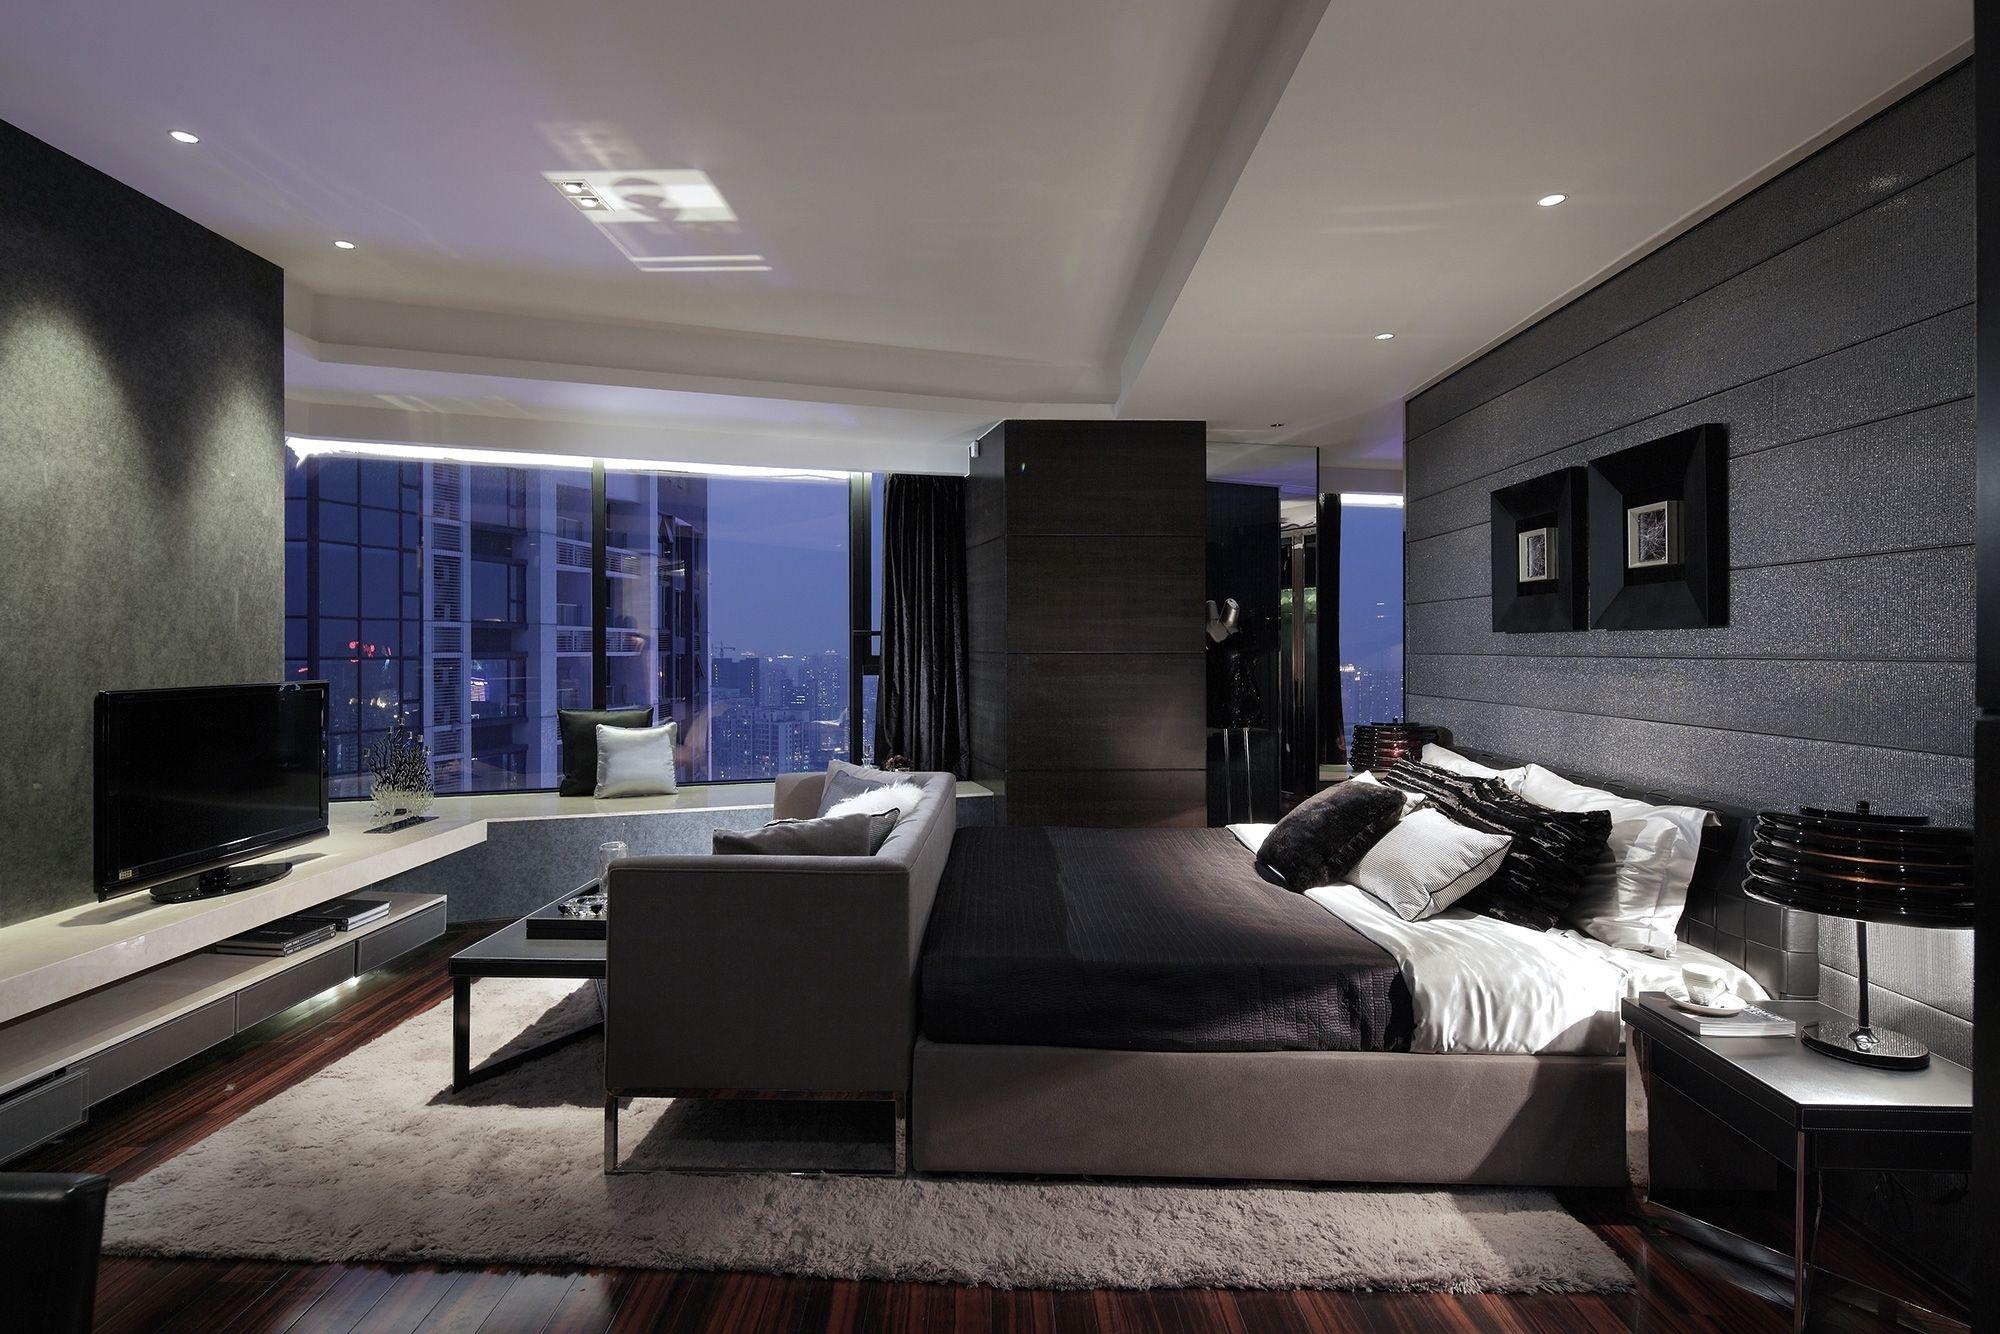 10 Most Popular Modern Master Bedrooms For Your House Dormitorios Decoraciones De Dormitorio Diseno De Dormitorio Para Hombres